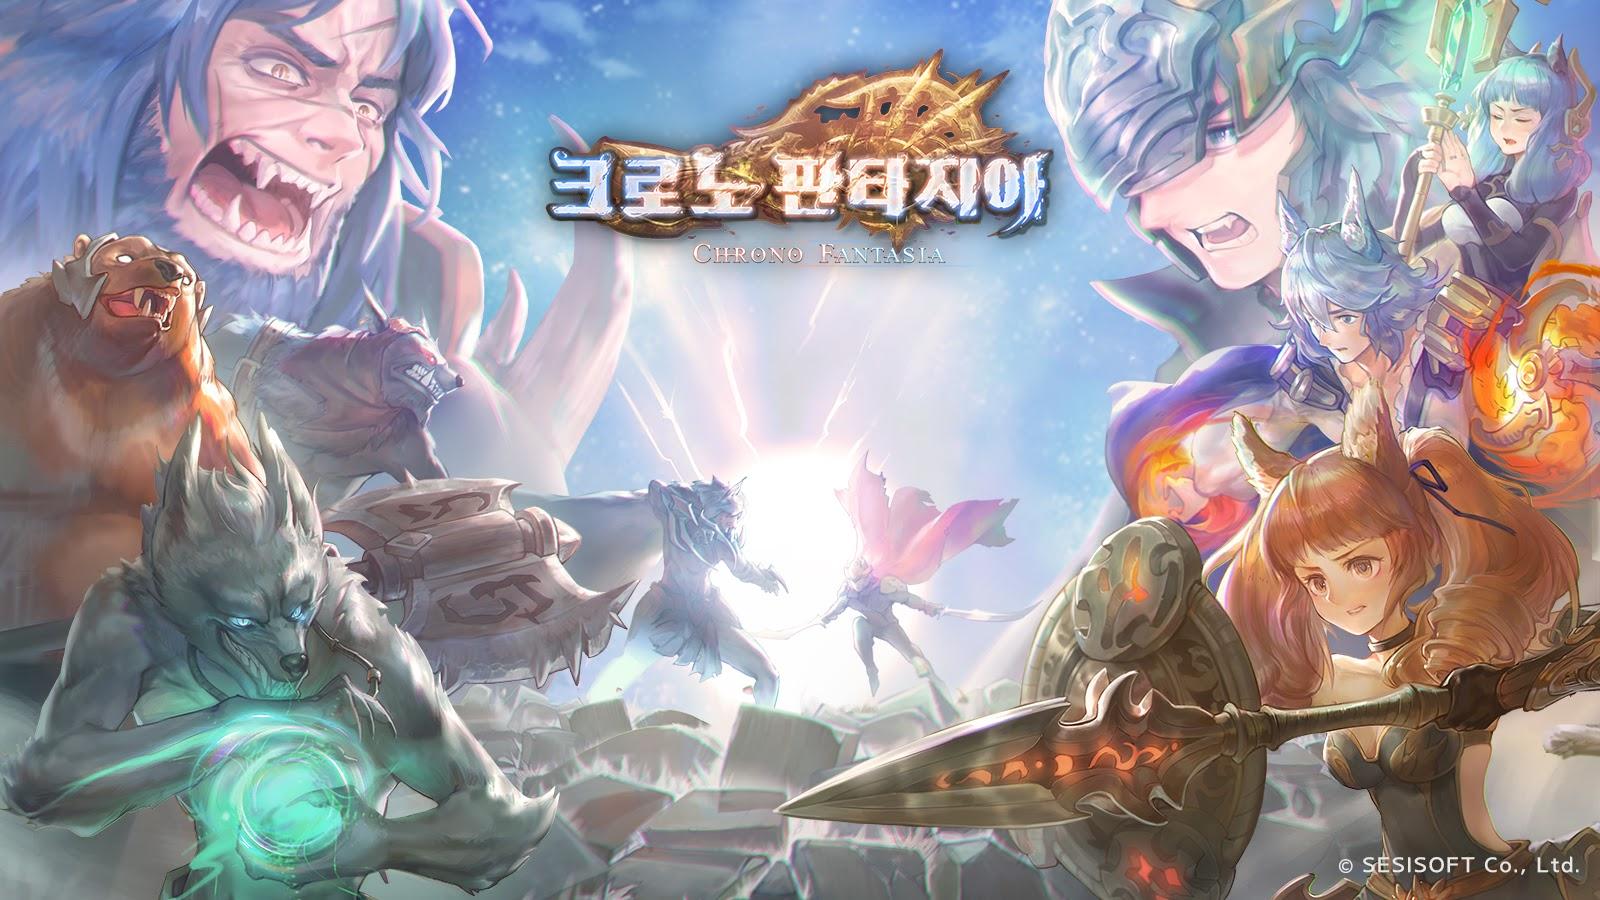 Chrono Fantasia 822020 1